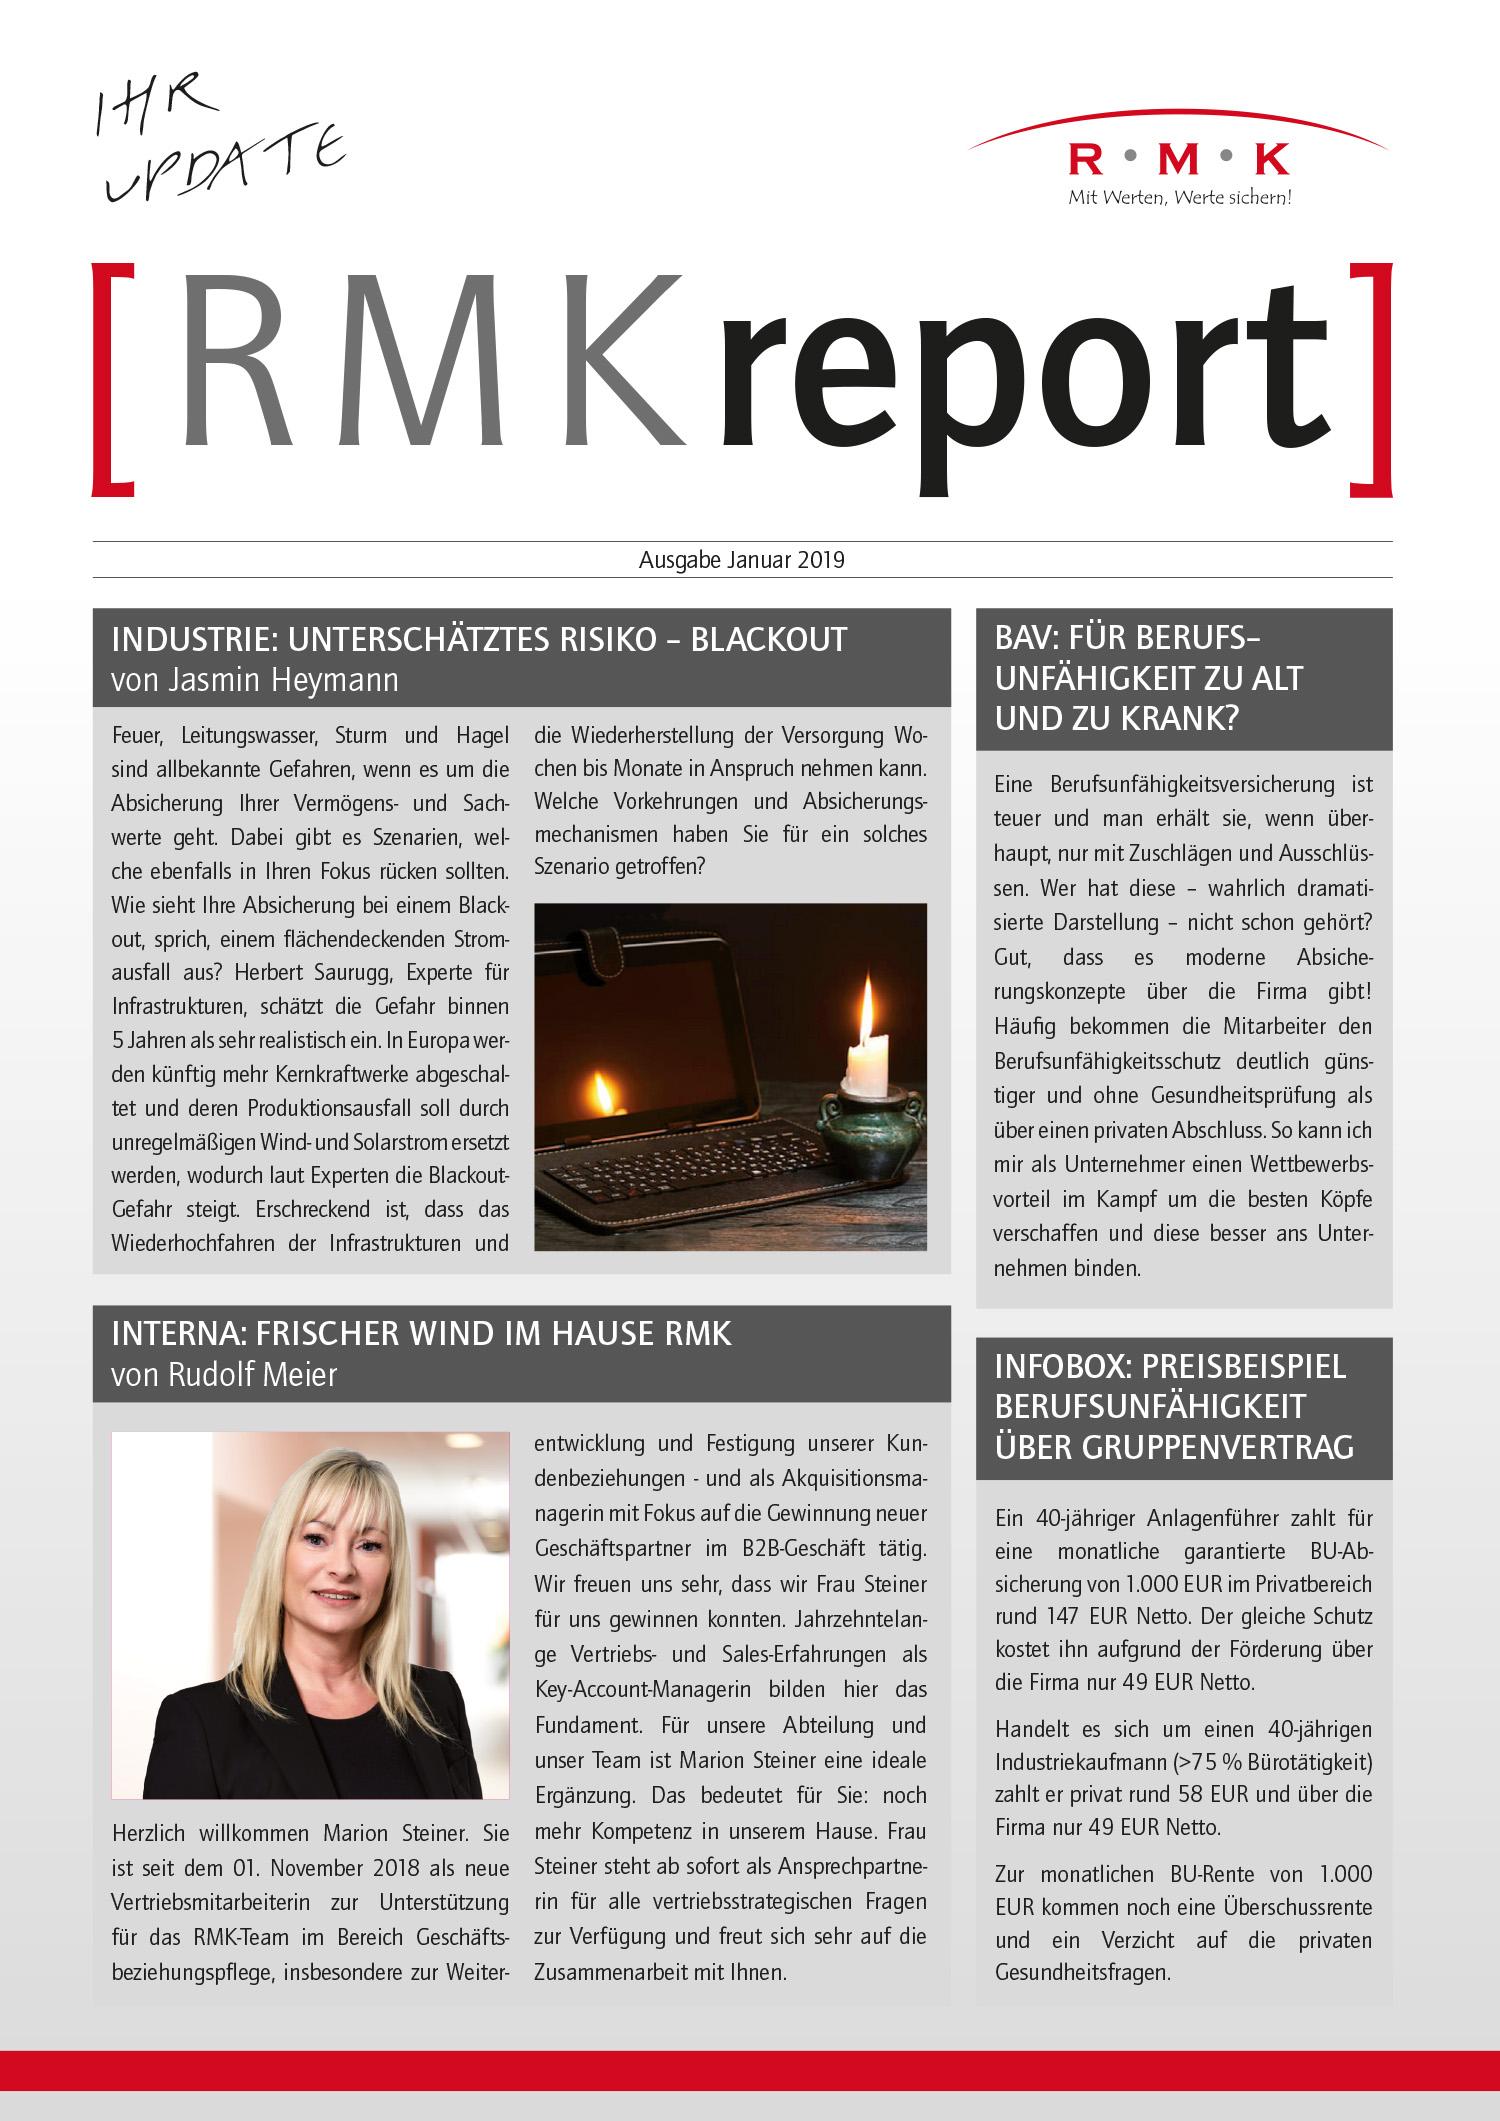 RMK-Report Januar 2019